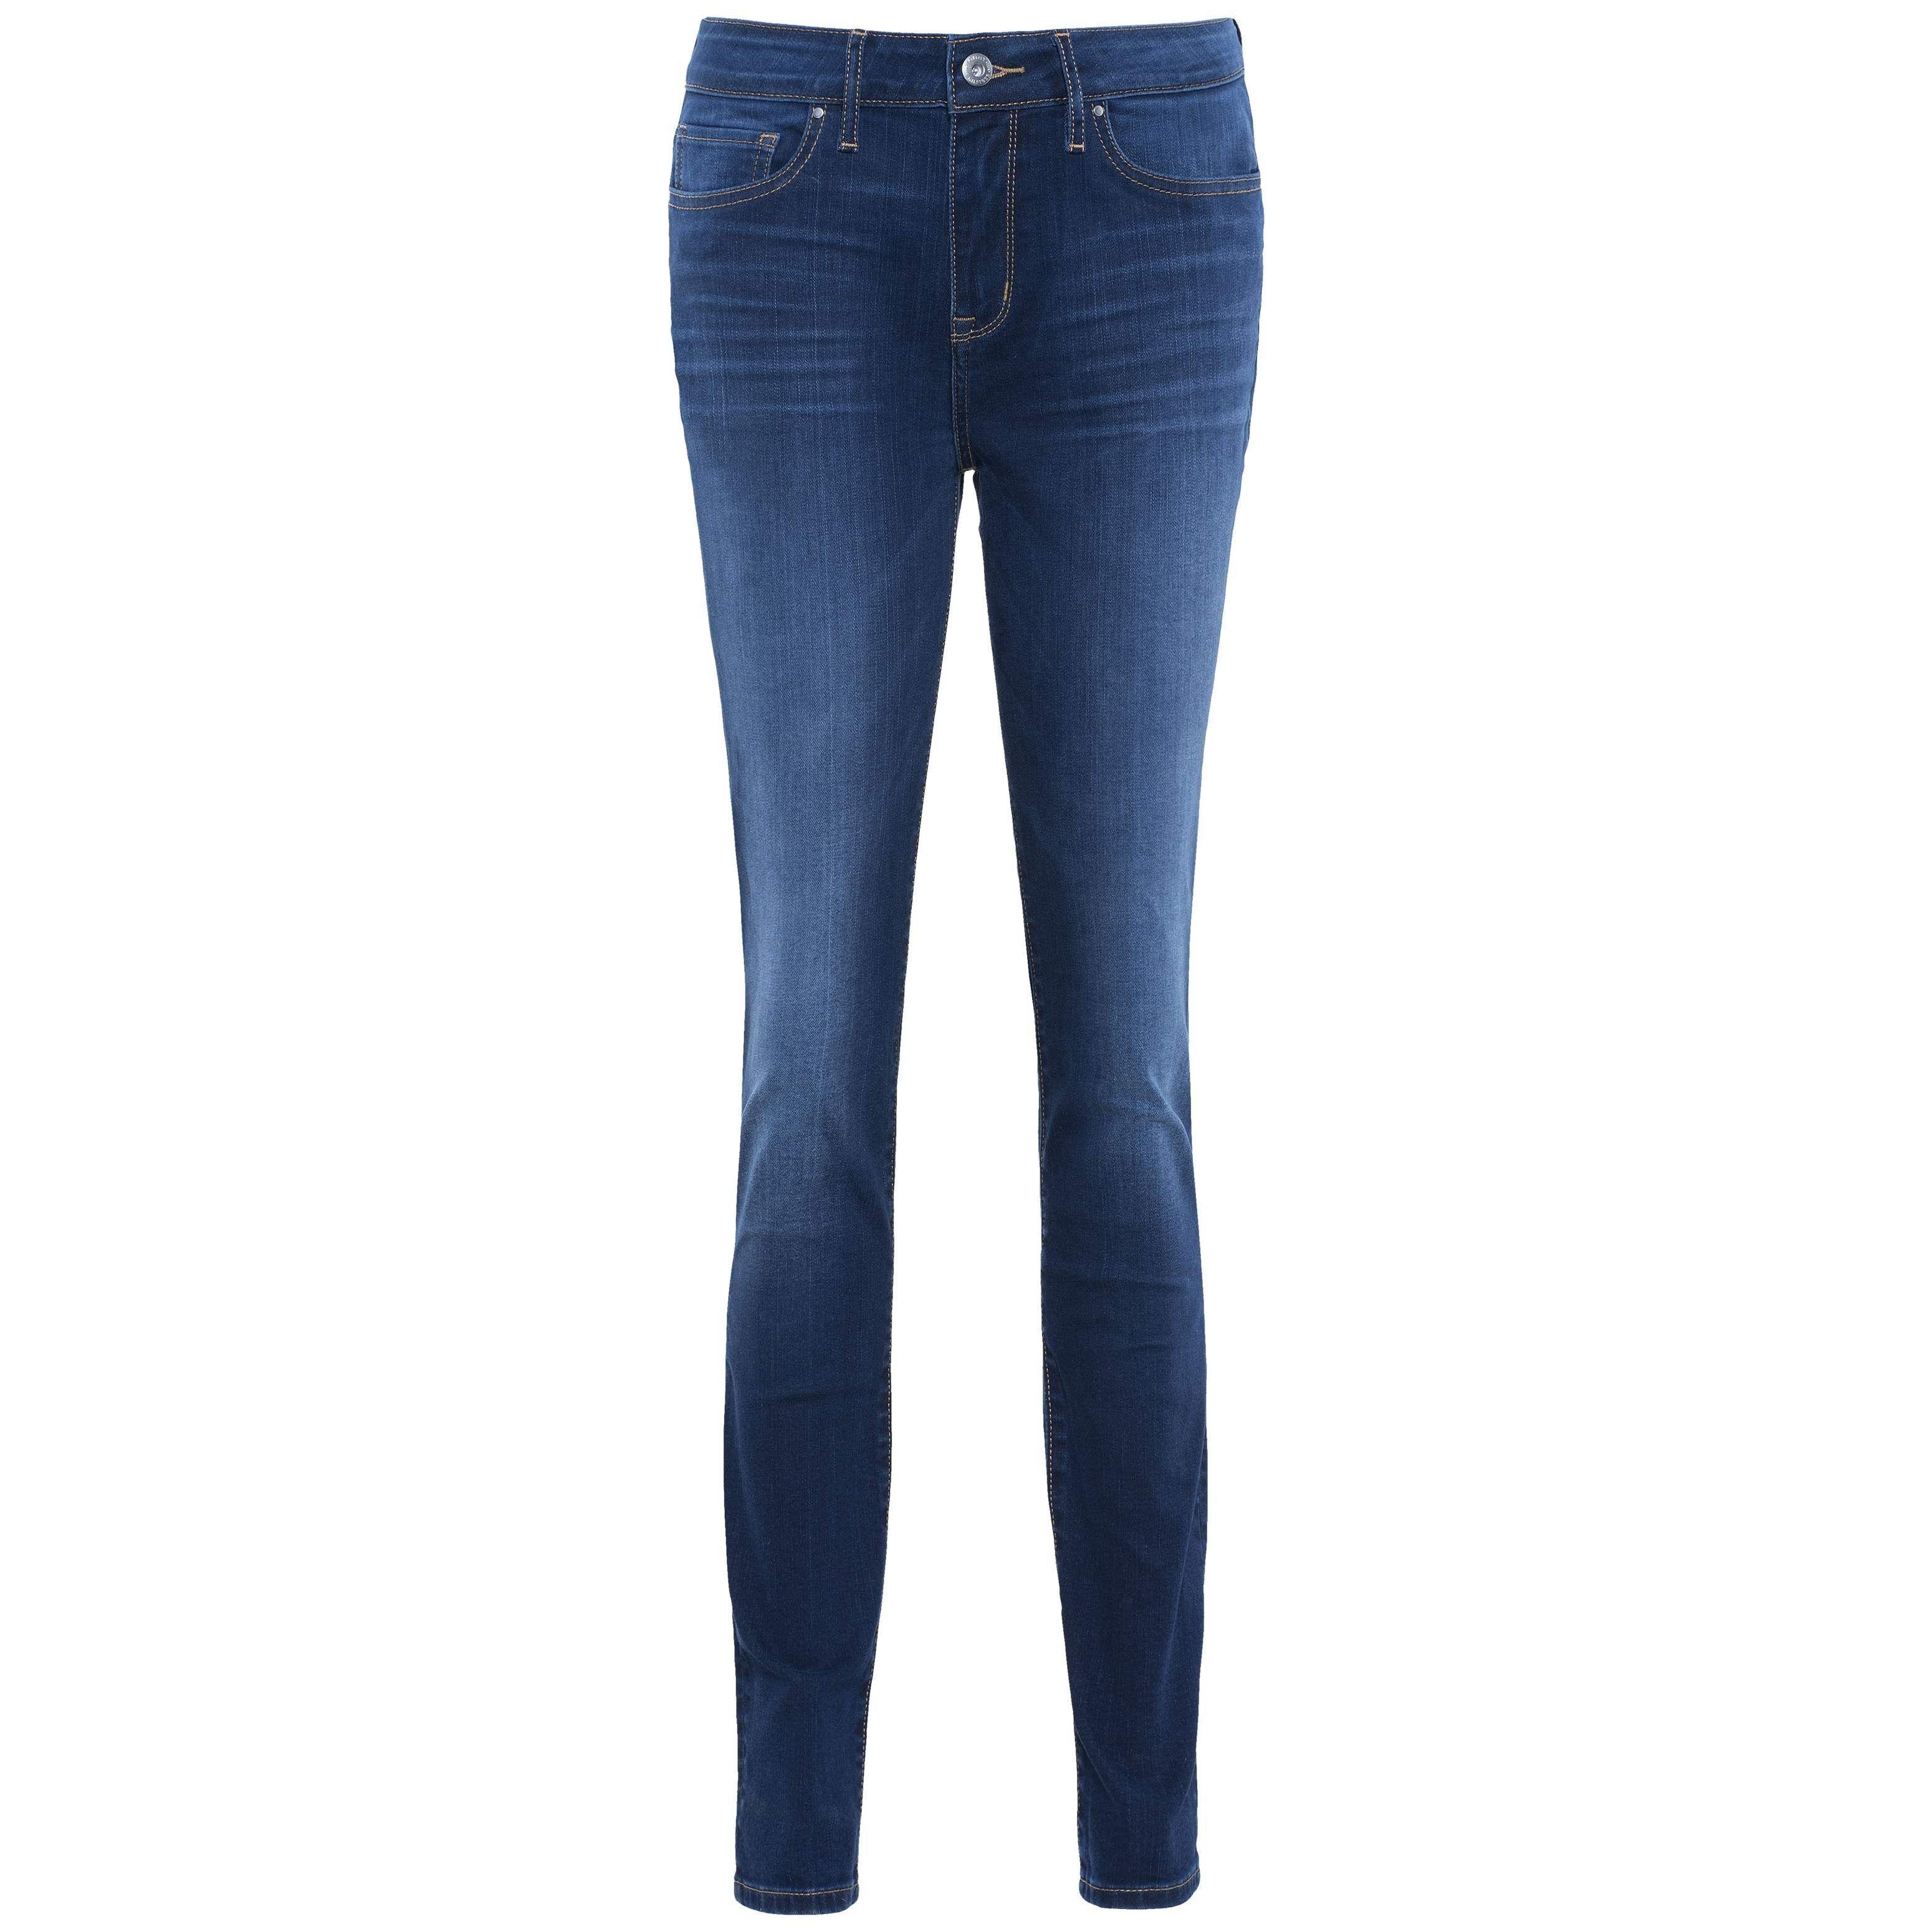 125c1d430d80 Tommy Hilfiger Jeans »VENICE RW ZOE«   Frauen Jeans Mode Damen ...